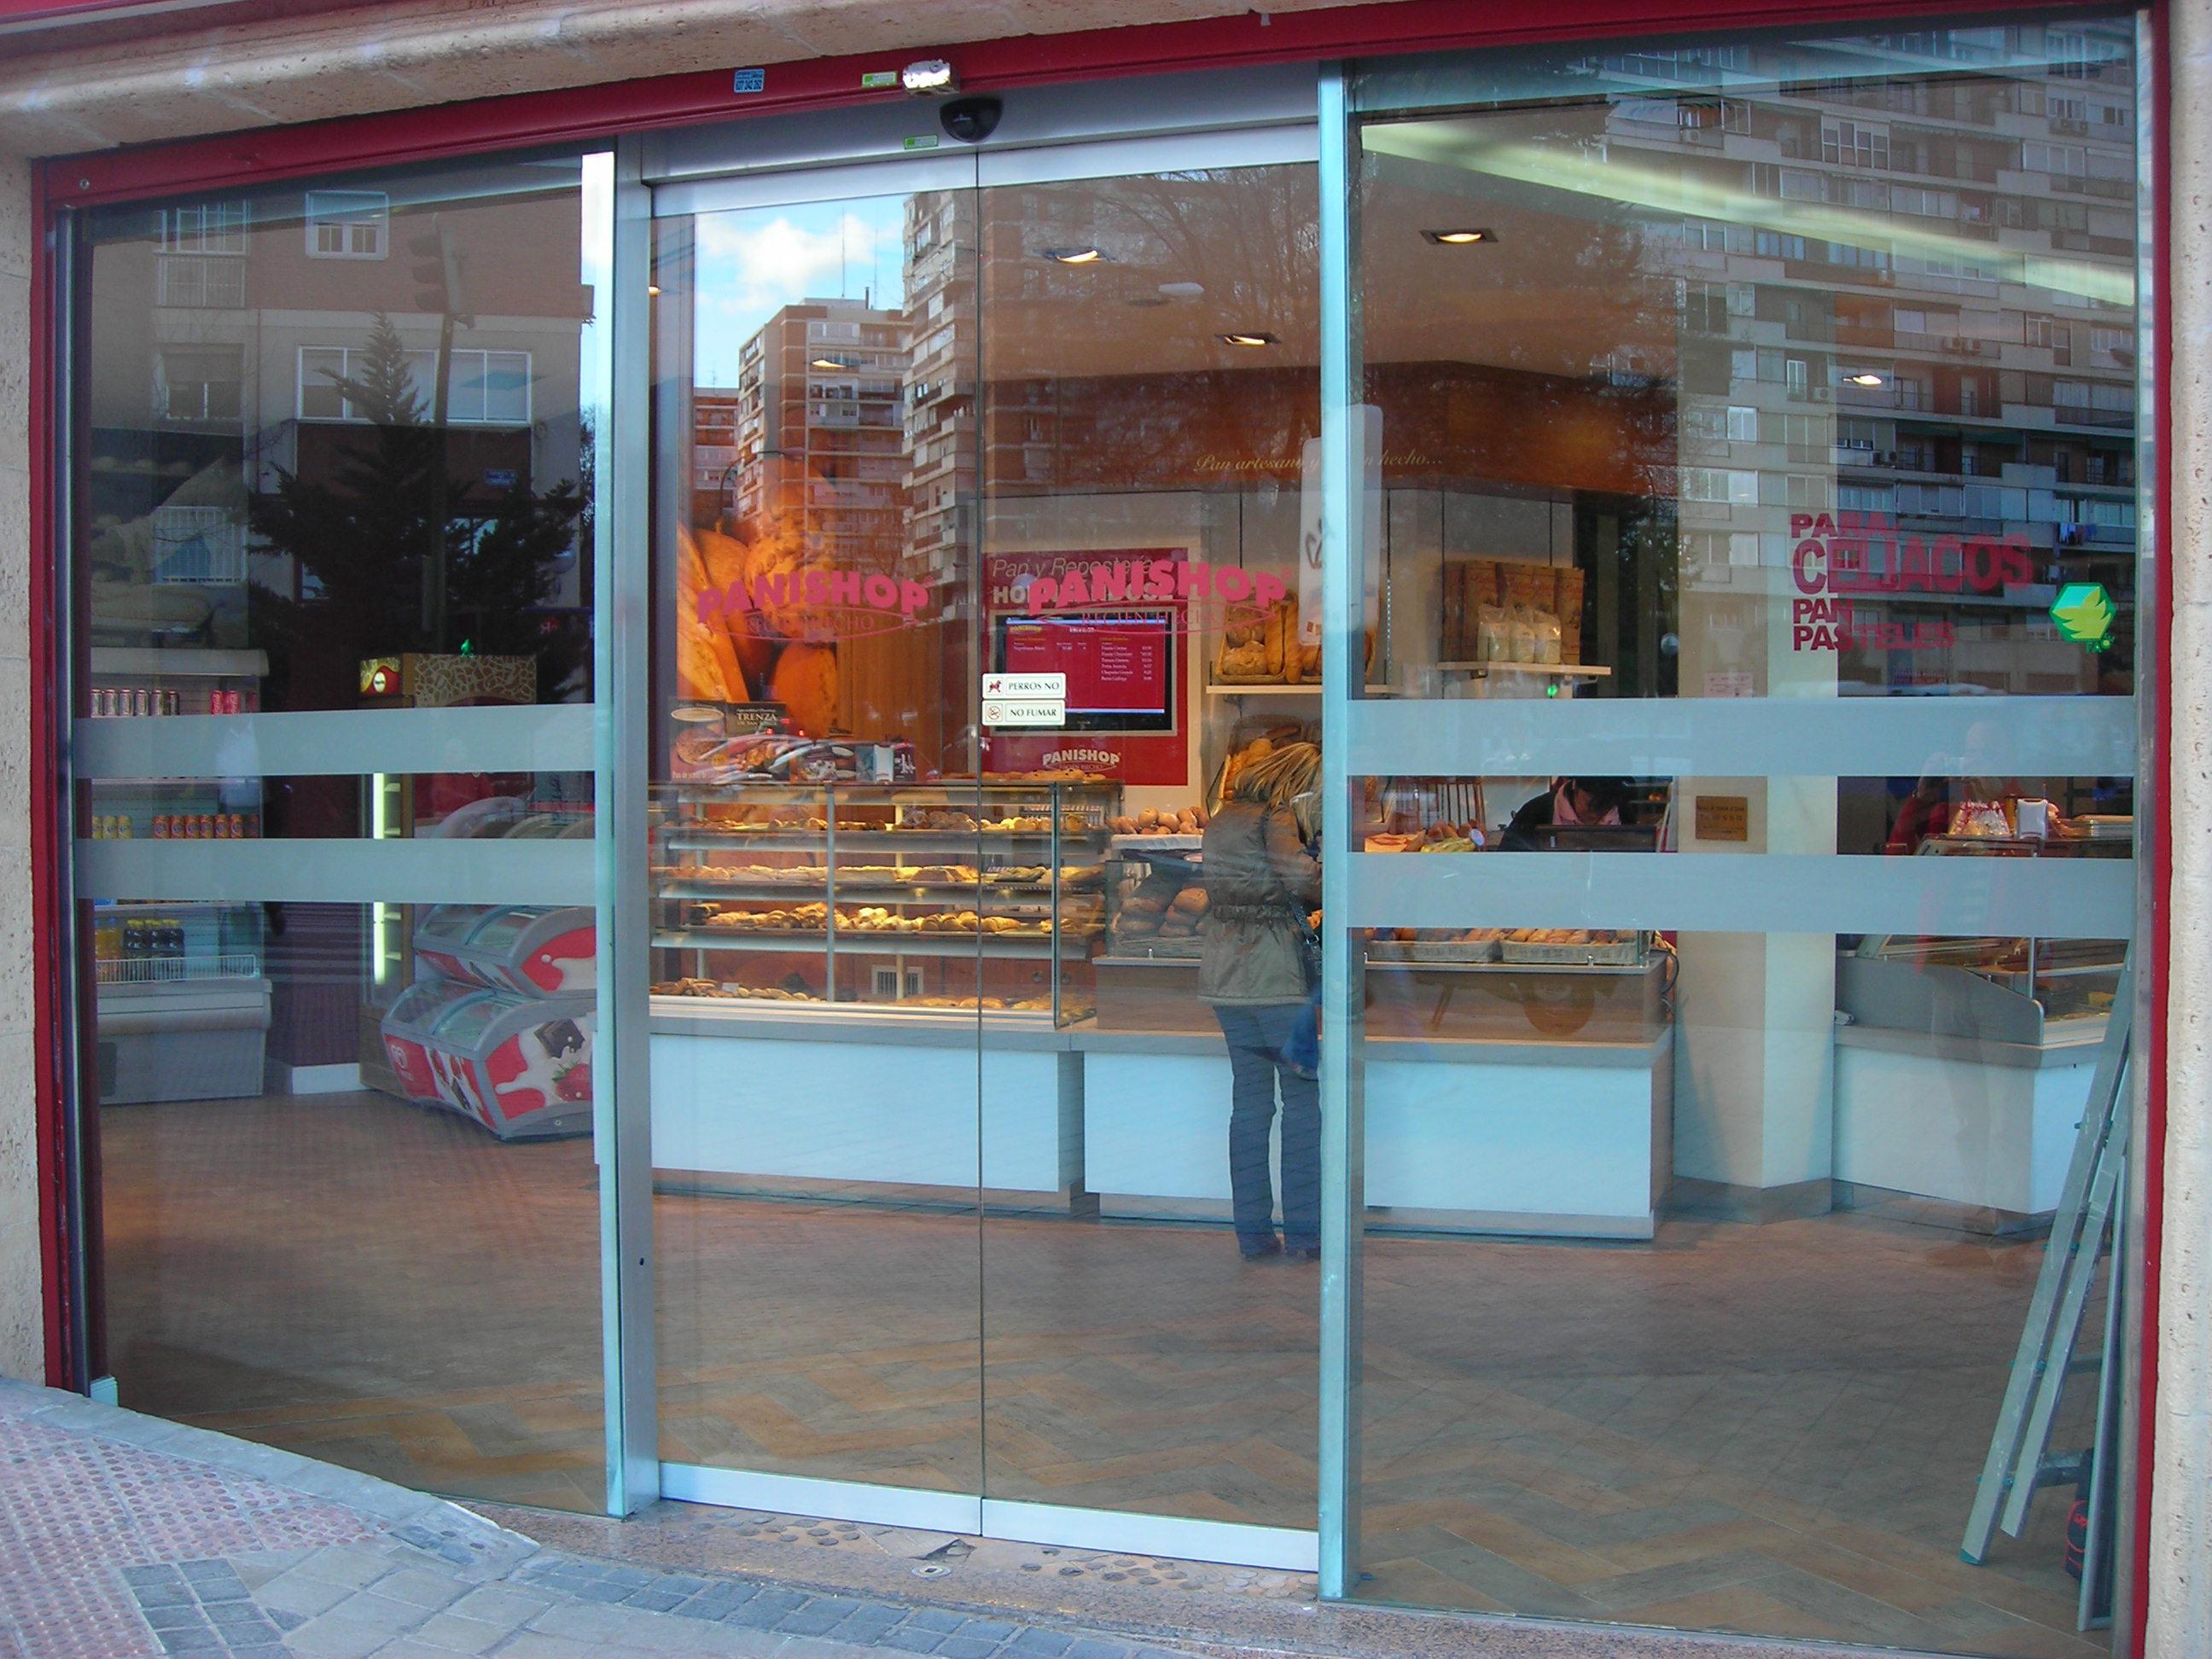 Puertas autom ticas de cristal para comercio puertas for Puertas automaticas cristal